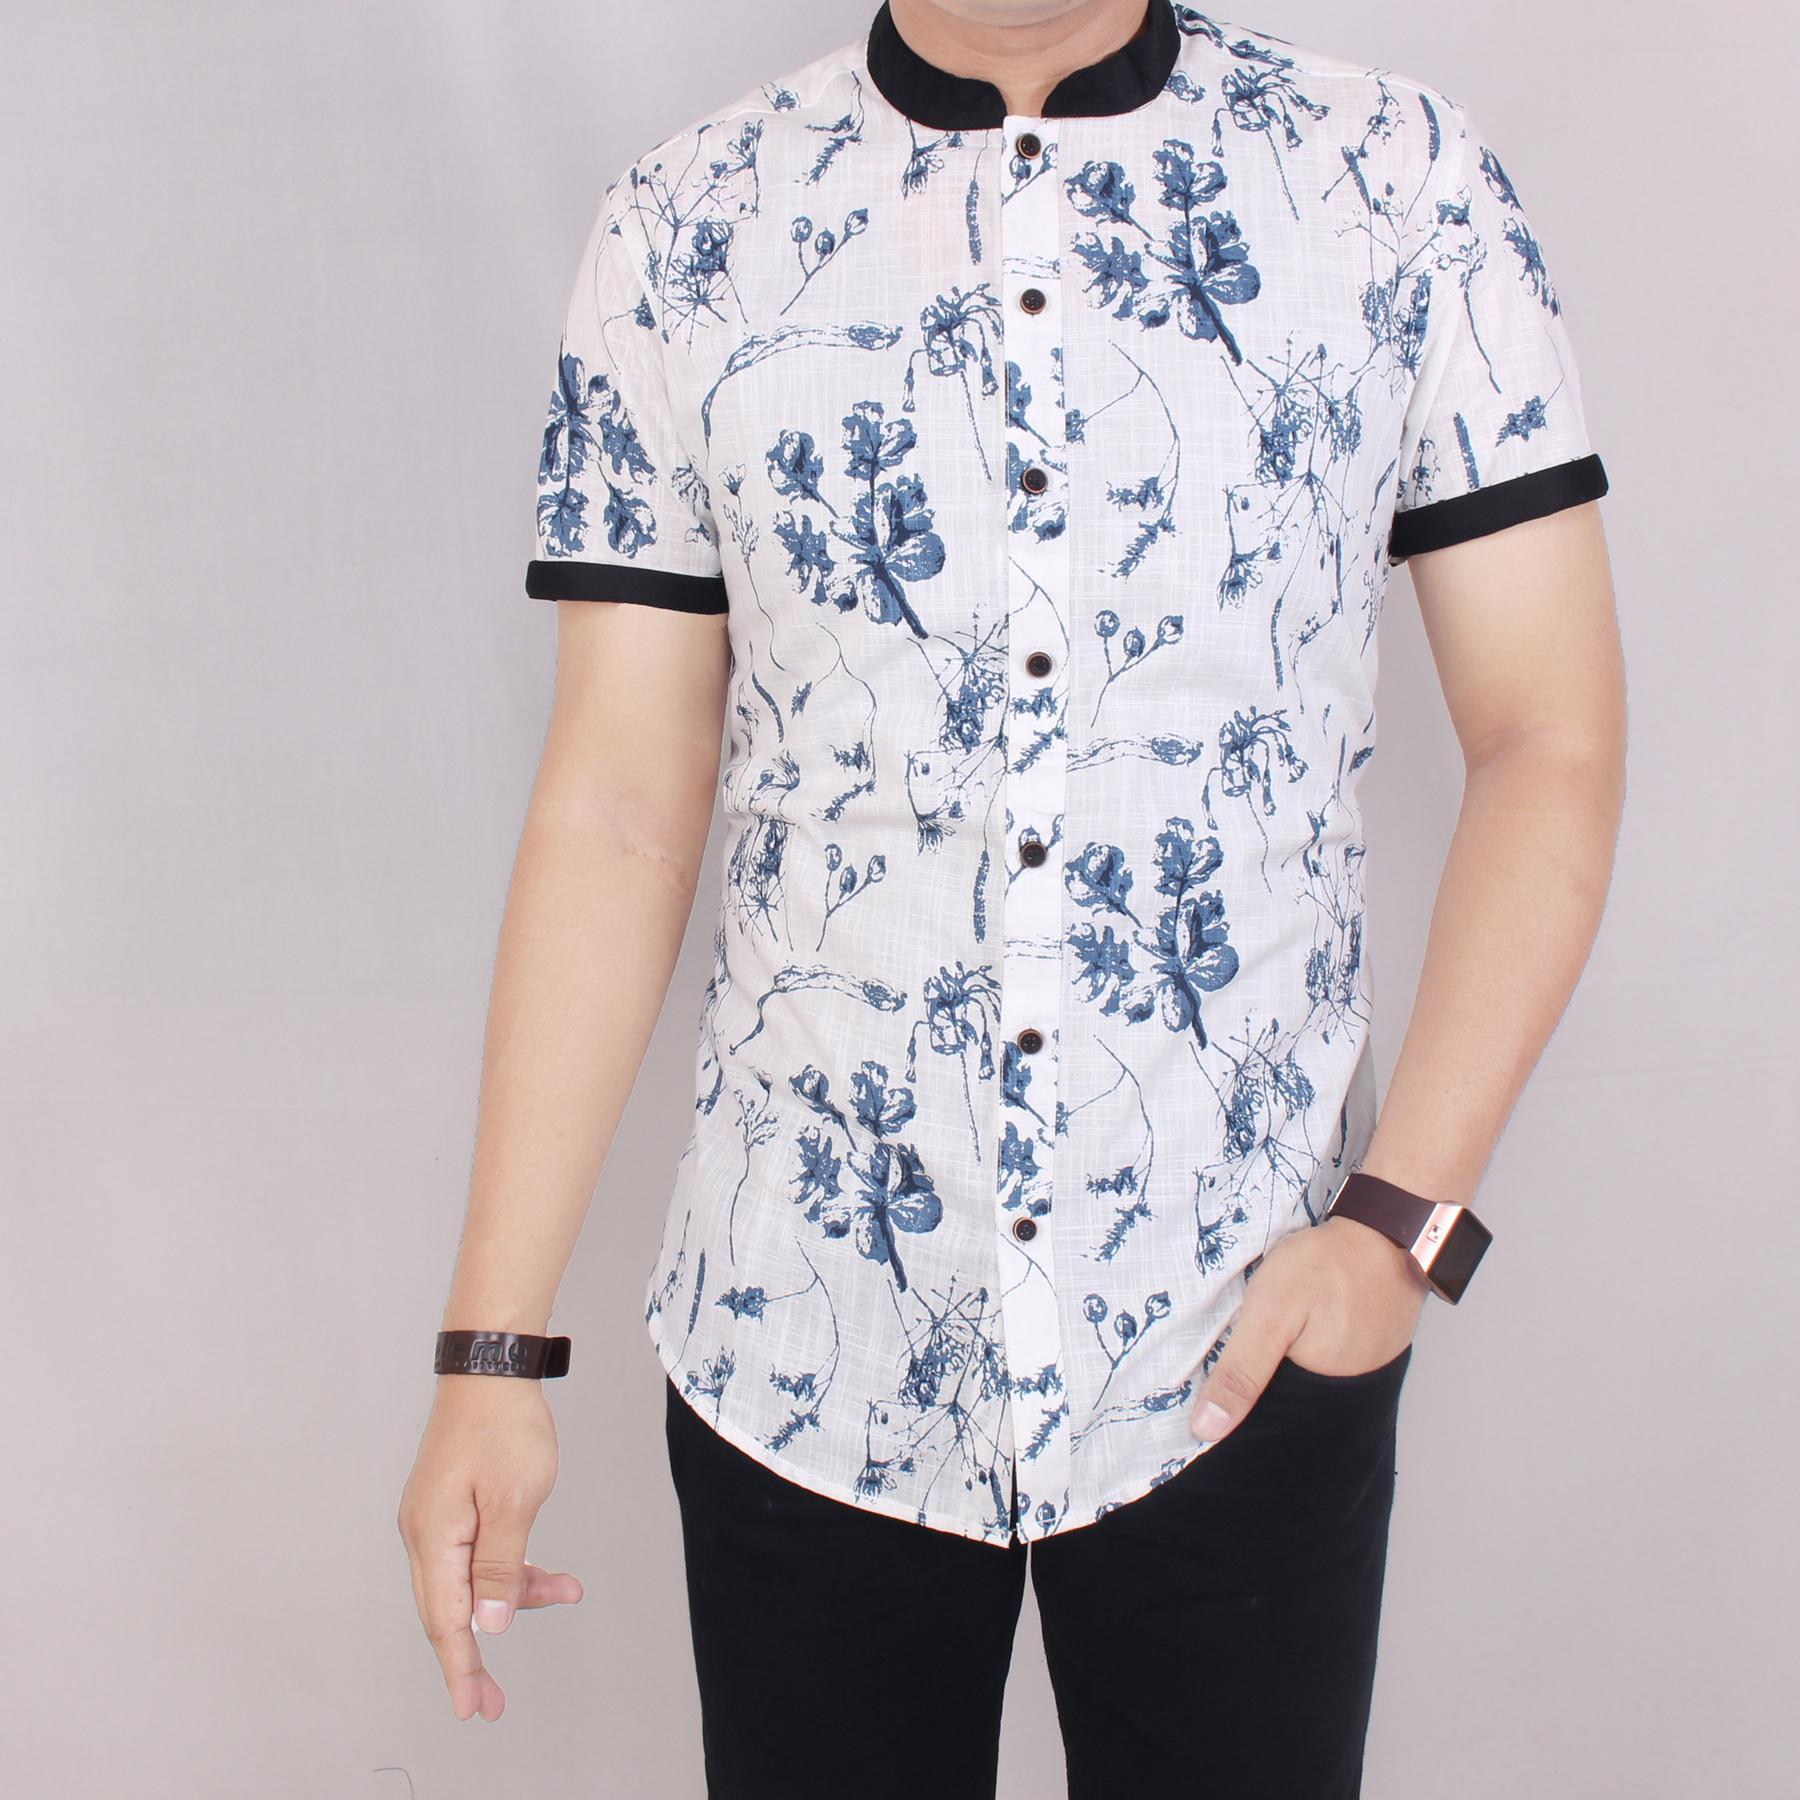 Zoeystore1 5616 Kemeja Printing Pria Lengan Pendek Exclusive Baju Kemeja Print Cowok Kerja Kantoran Formal Kemeja